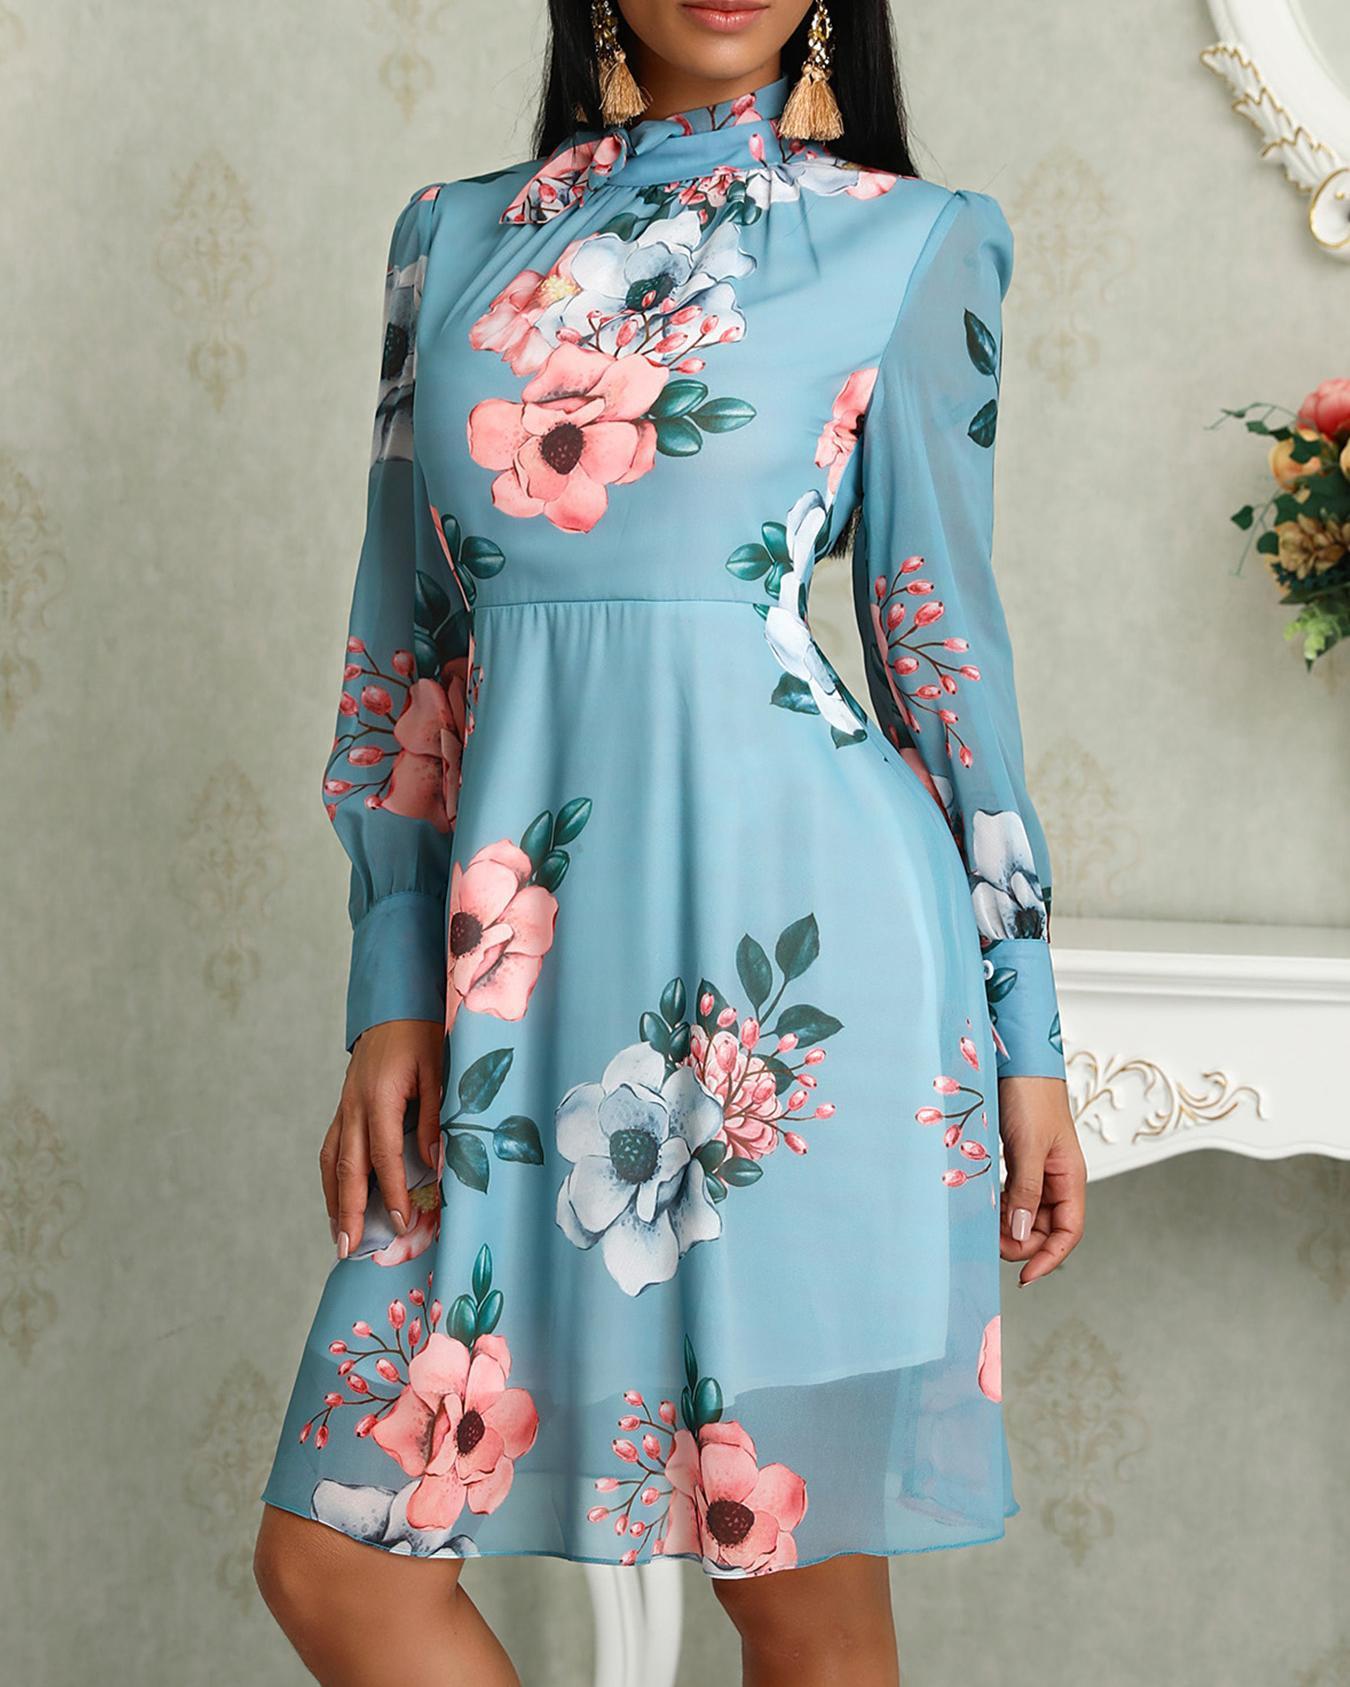 chicme / Vestido a media pierna de manga larga con estampado floral